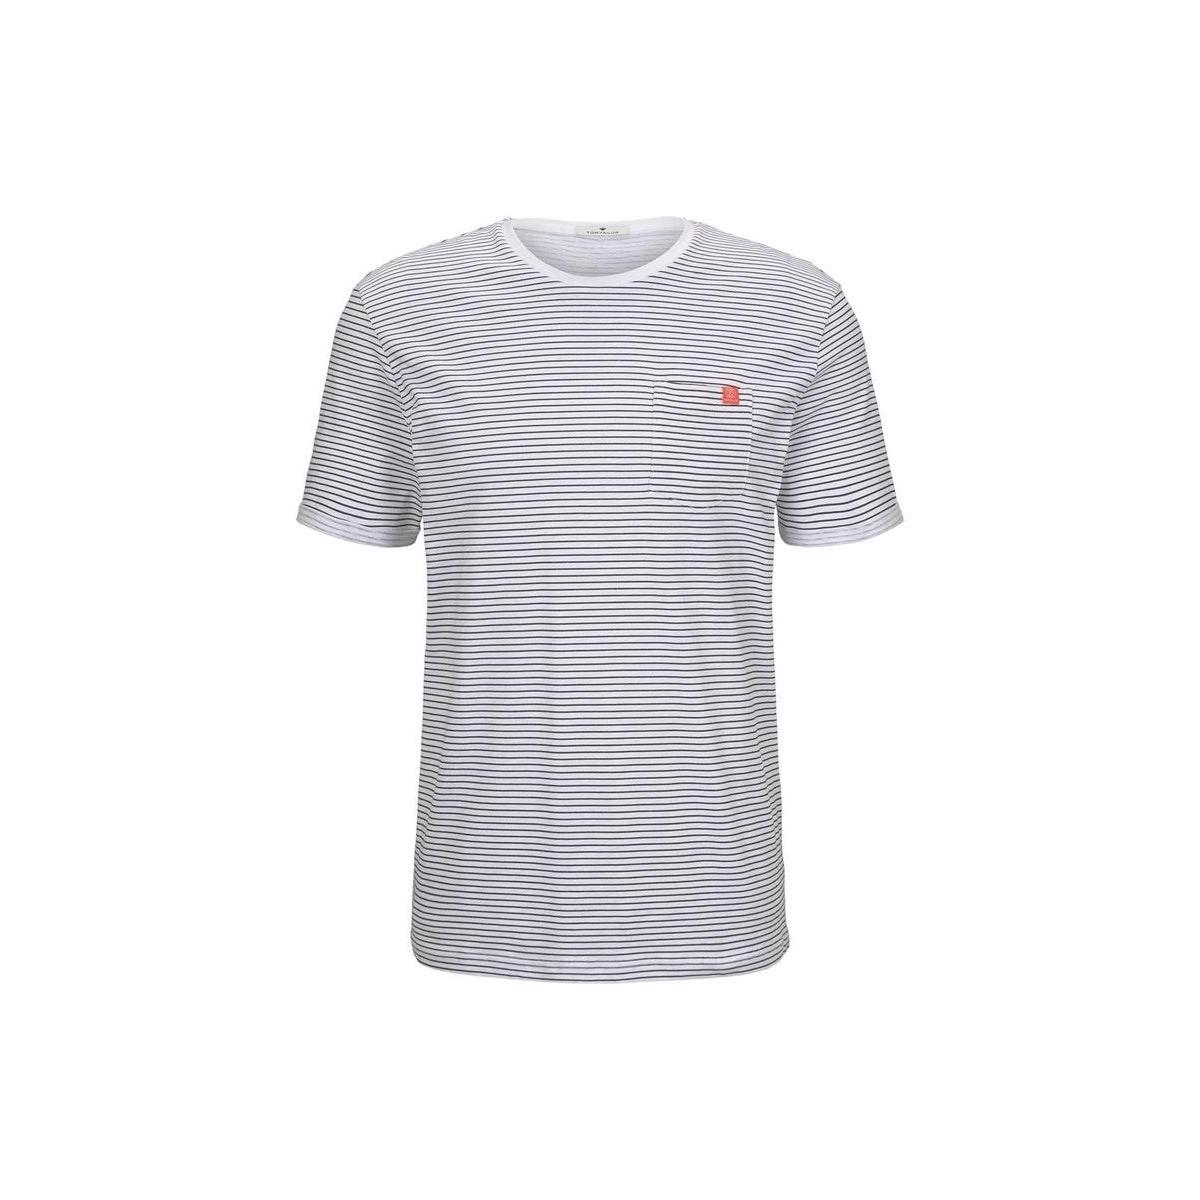 gestreept t shirt 1018890xx10 tom tailor t-shirt 22945